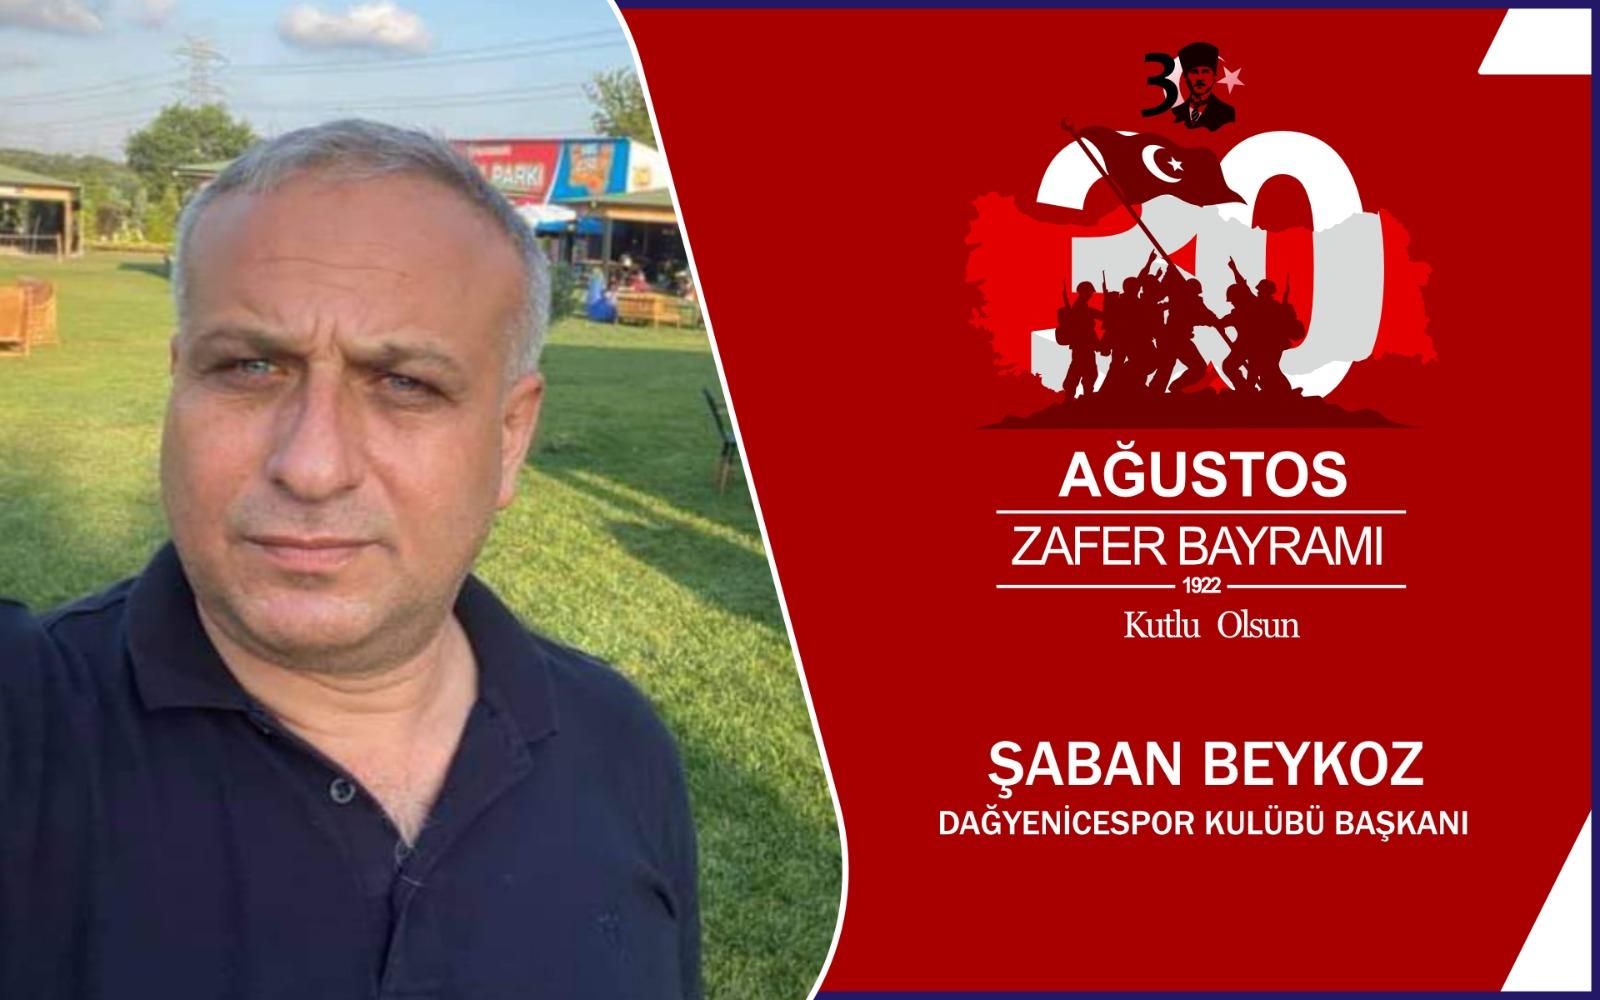 Şaban Beykoz'dan Kutlama Mesajı